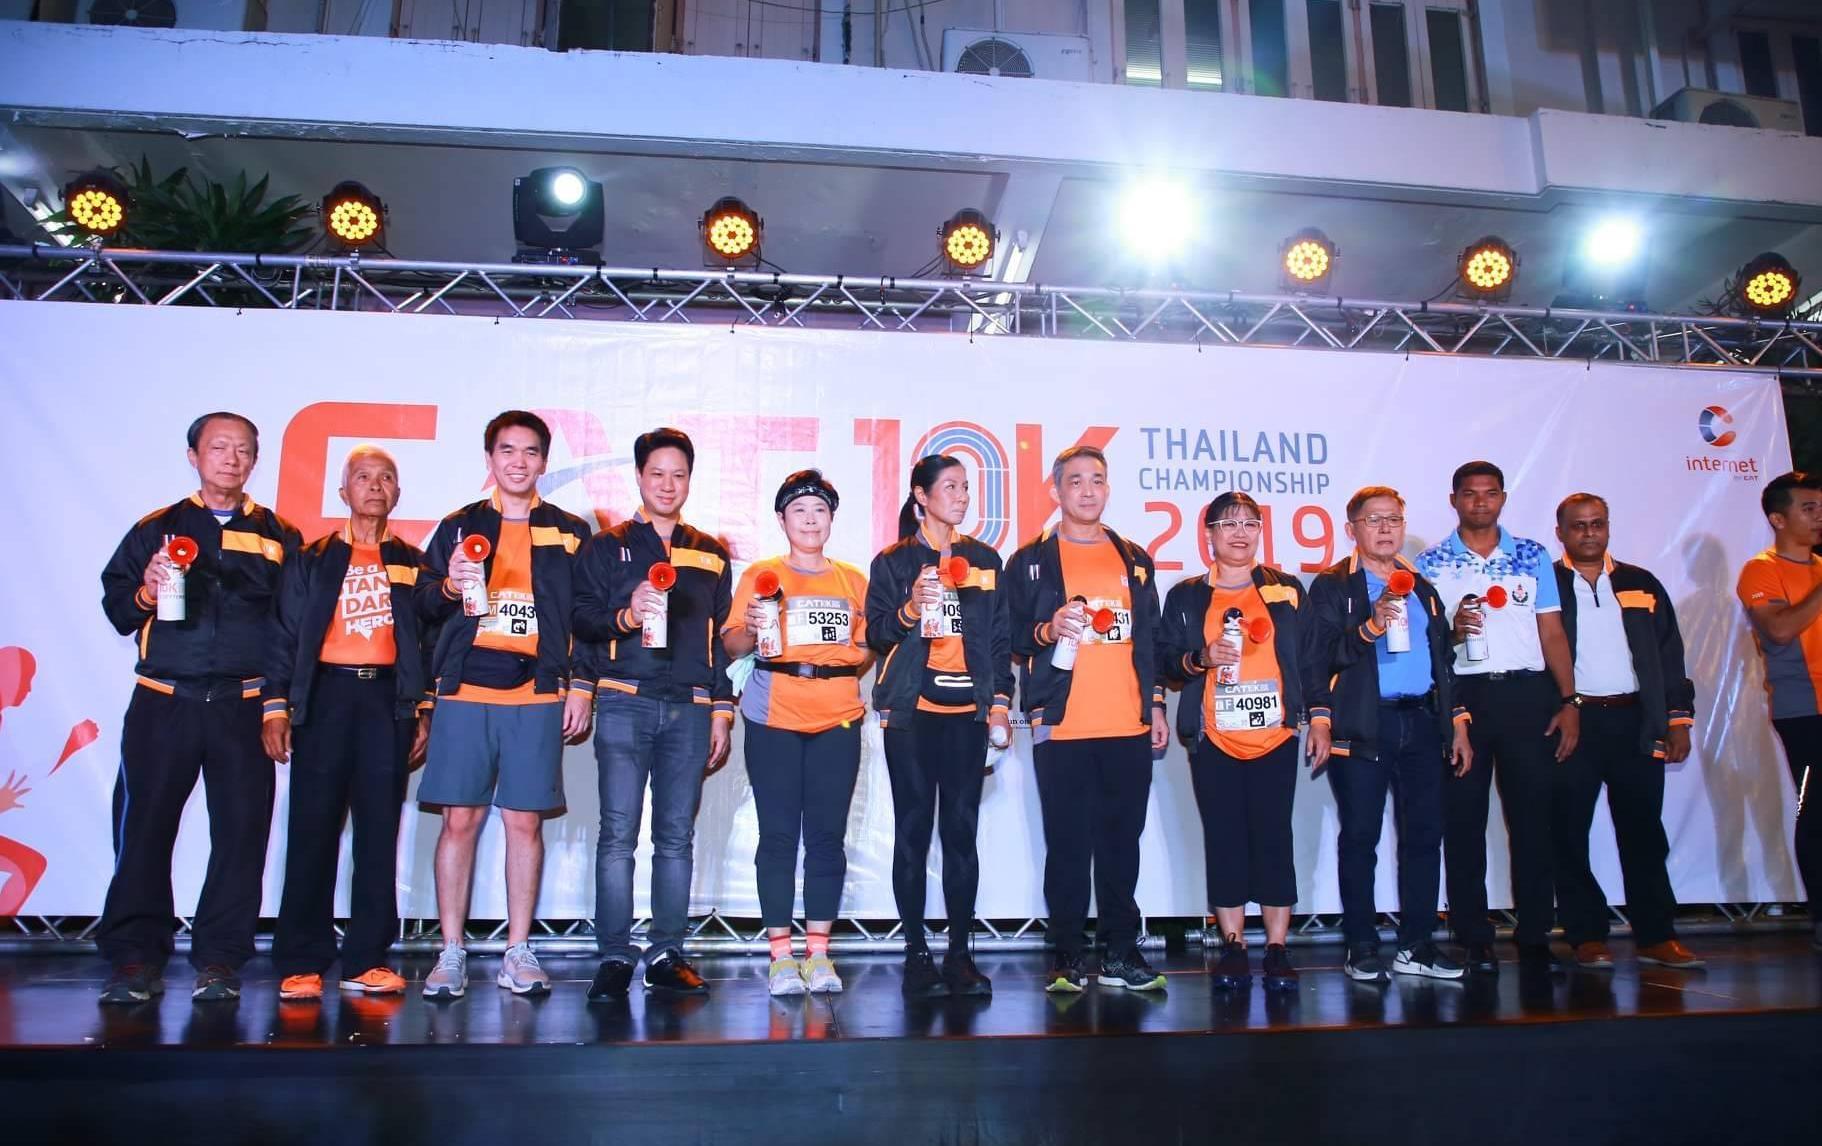 """นักวิ่งชาวไทยและต่างชาติ กว่า 7,000 คน ร่วมแข่งขันวิ่ง 10 กิโลเมตร ชิงแชมป์ประเทศไทย """"CAT 10K Thailand Championship 2019"""""""